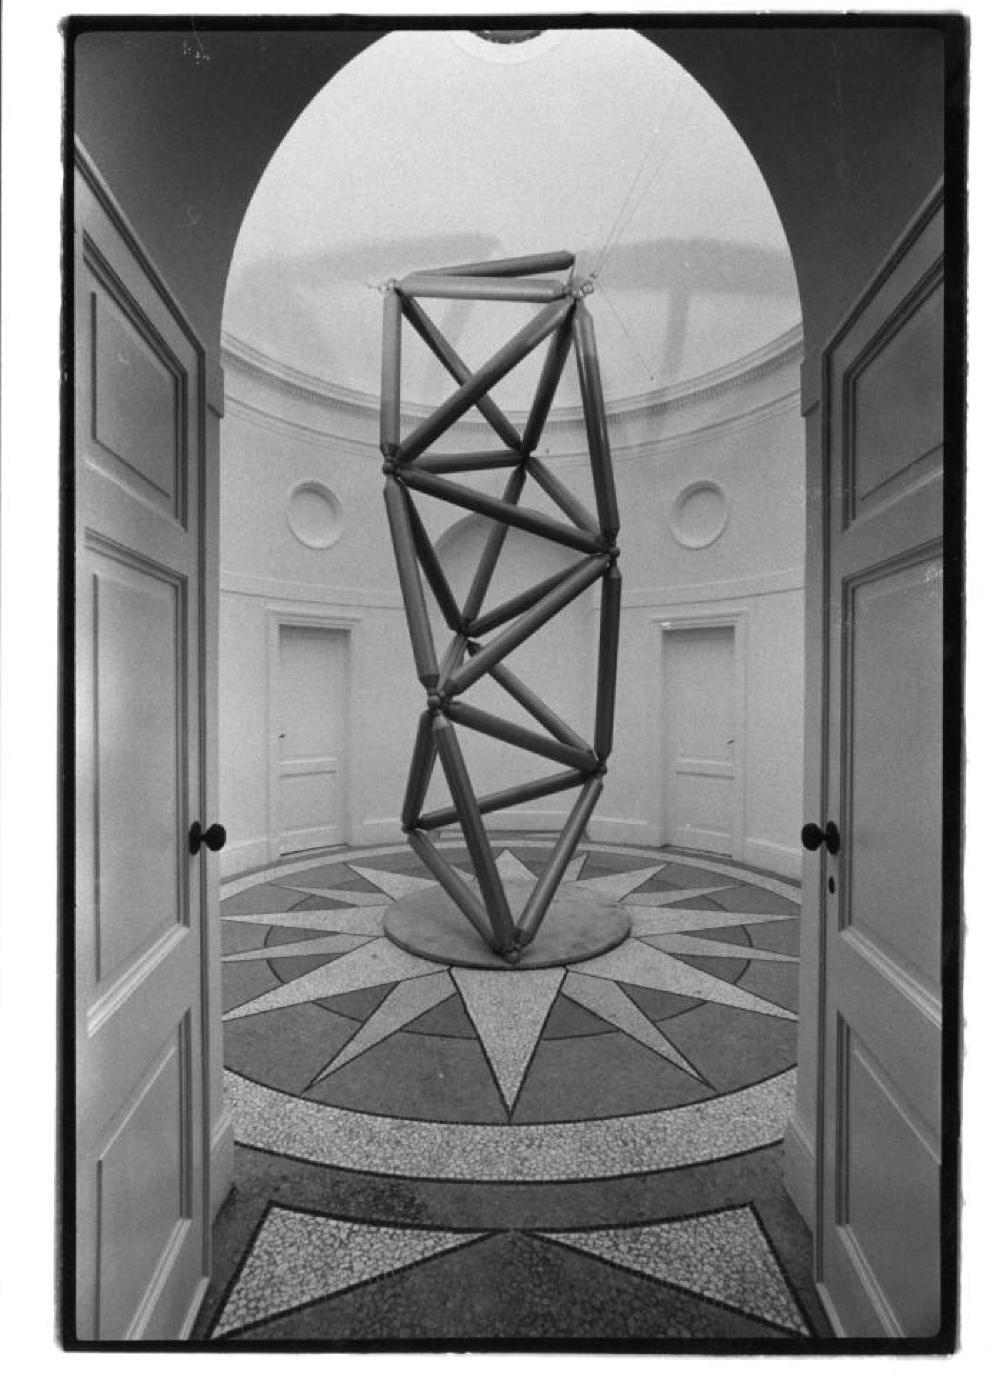 Tetrahelix for Venice Biennale